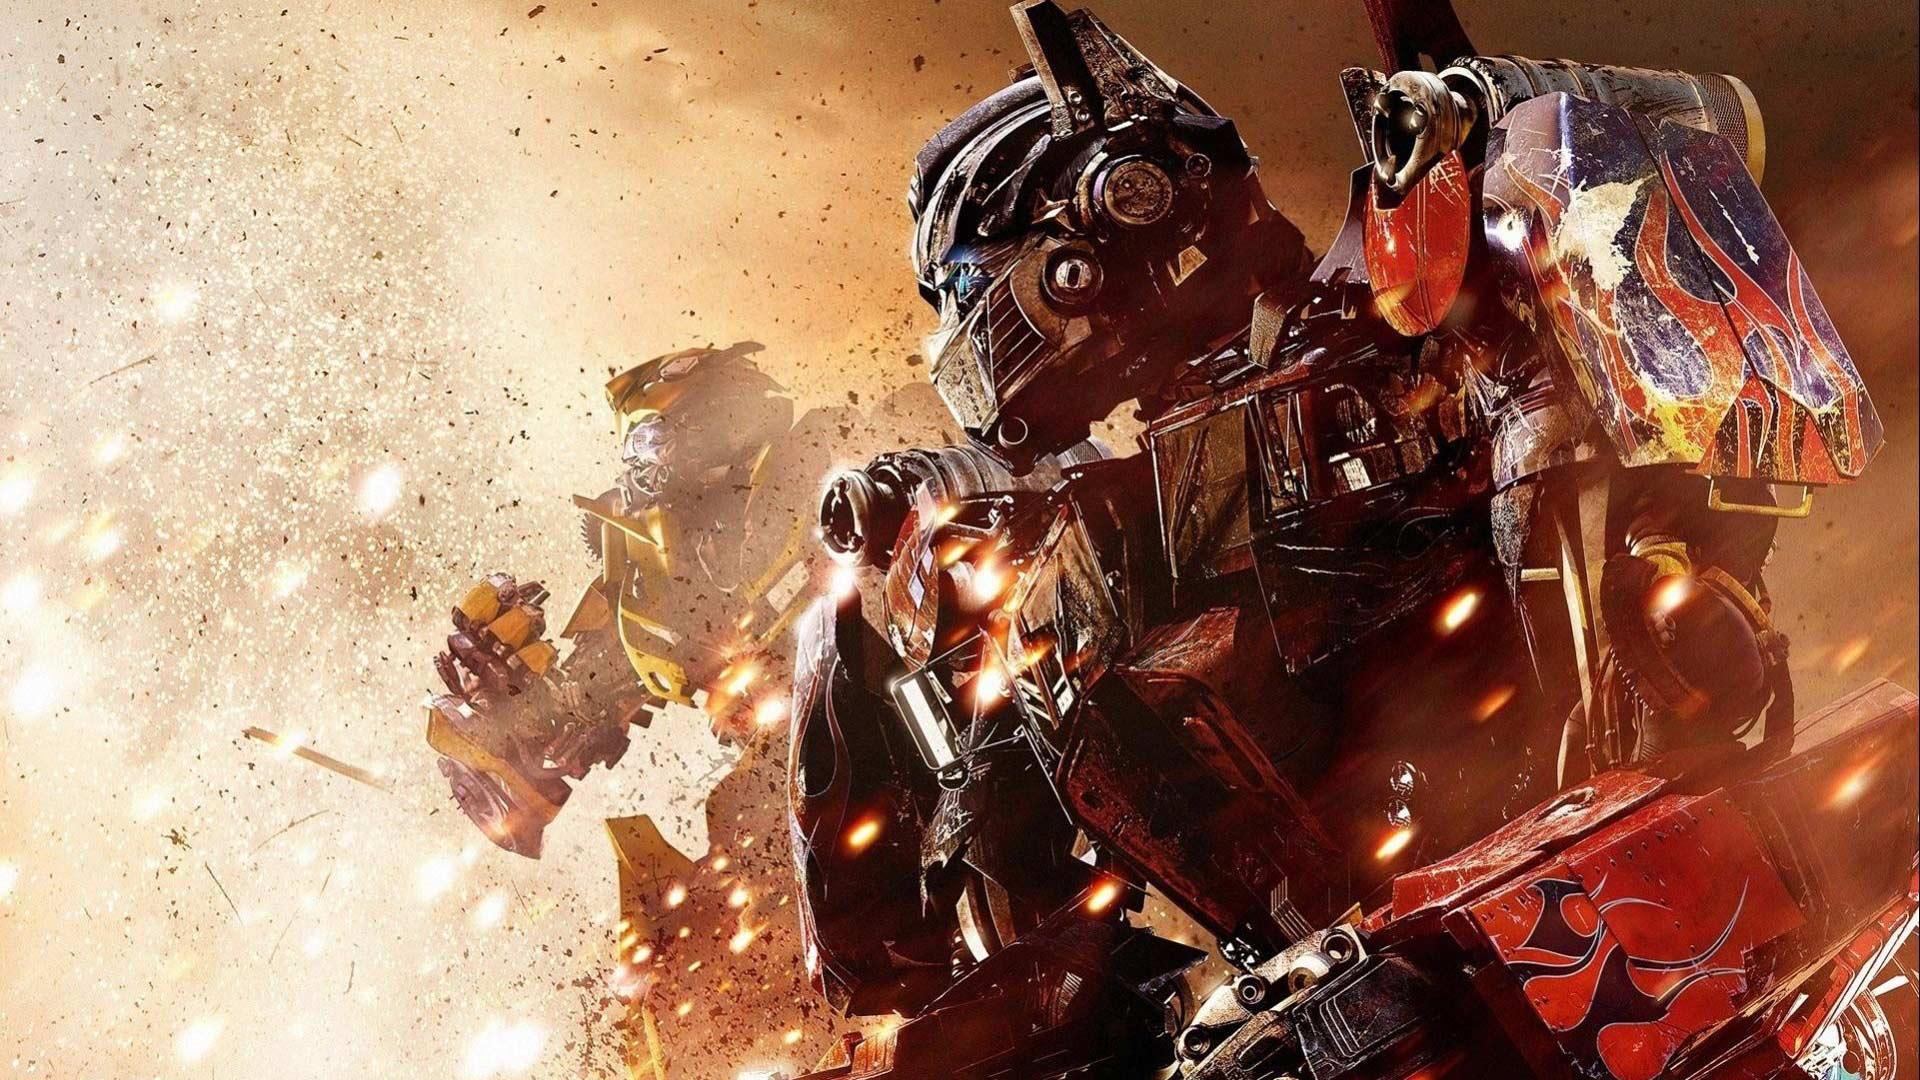 Transformers Fall Of Cybertron 4k Wallpaper Filme Transformers O 218 Ltimo Cavaleiro Papel De Parede